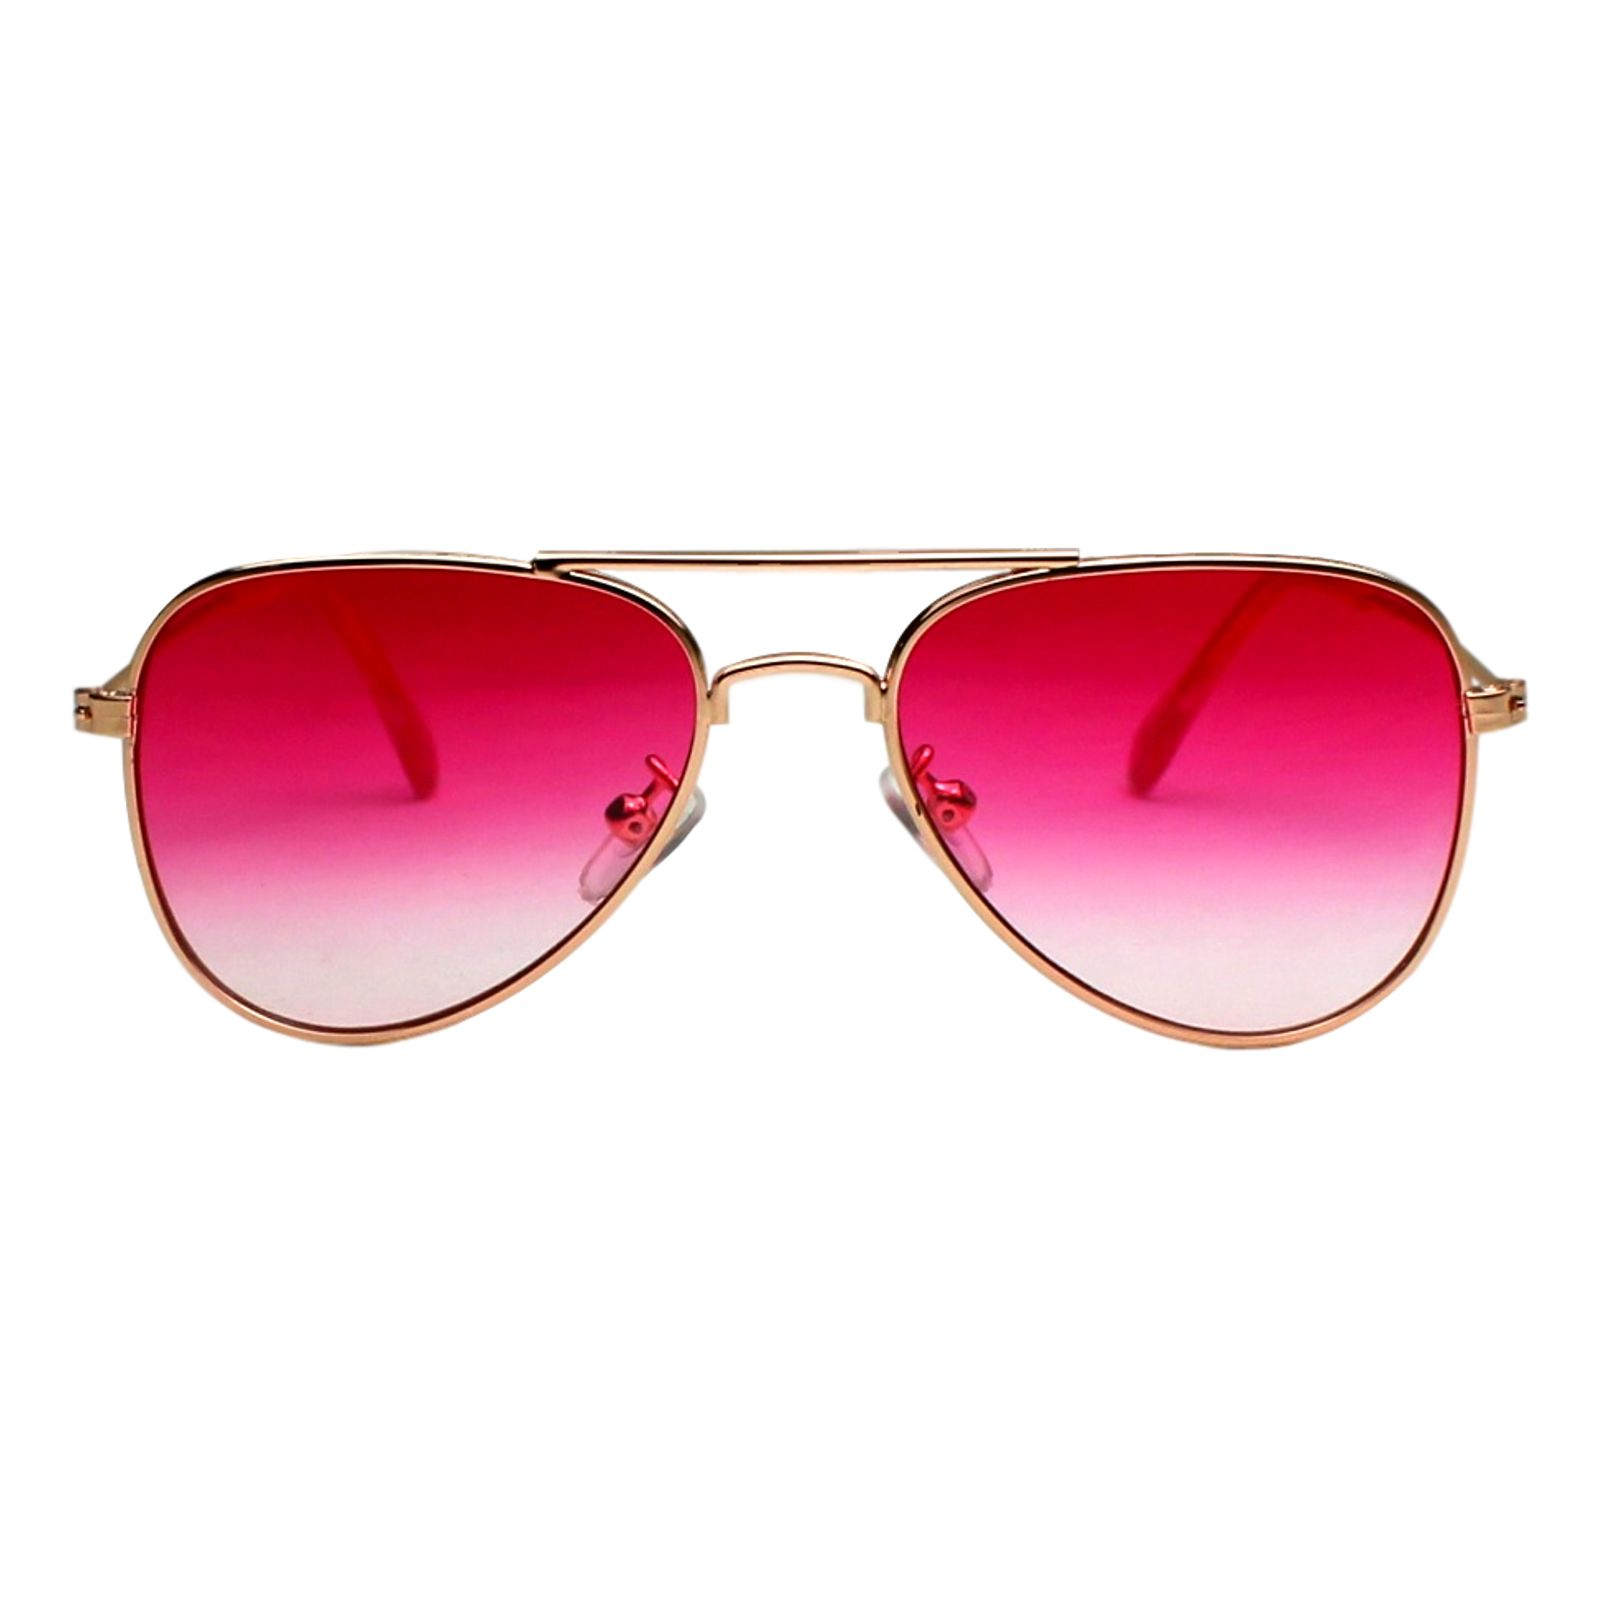 Óculos de Sol Díspar ID1902 infantil idade 3 a 6 anos - Rosa Transparente